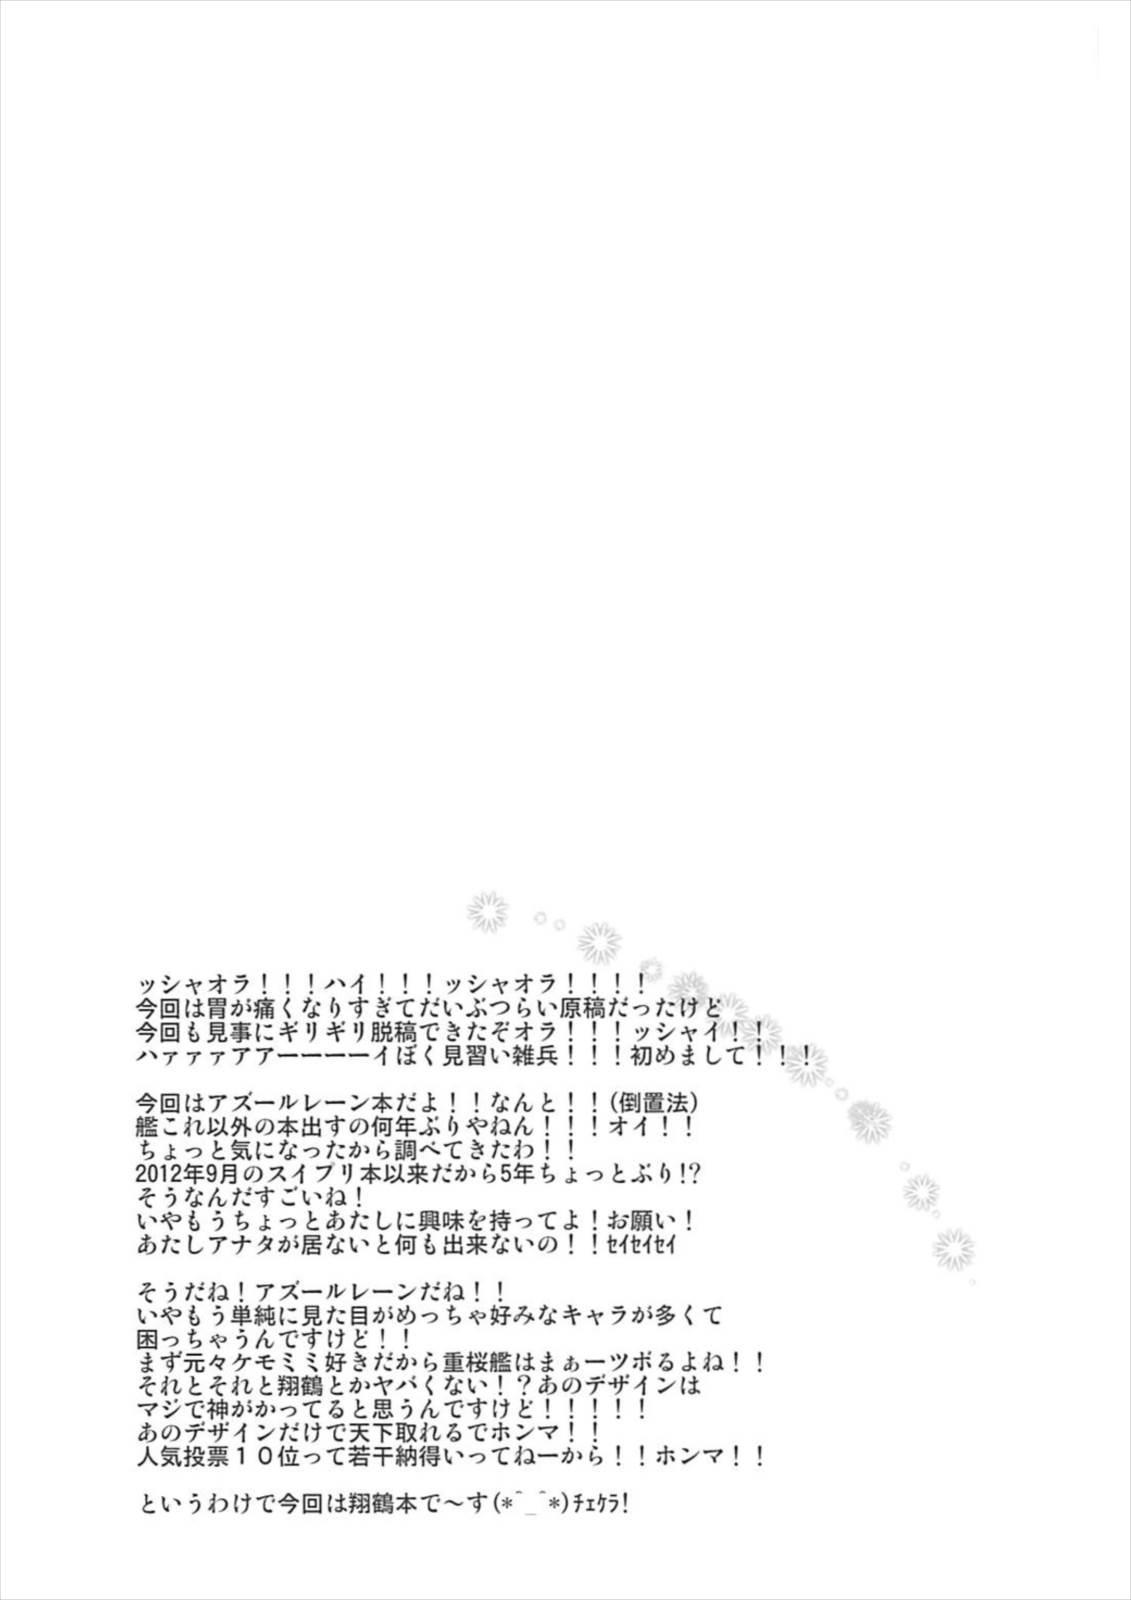 Yowasete Fukaki Yume Miyu 2